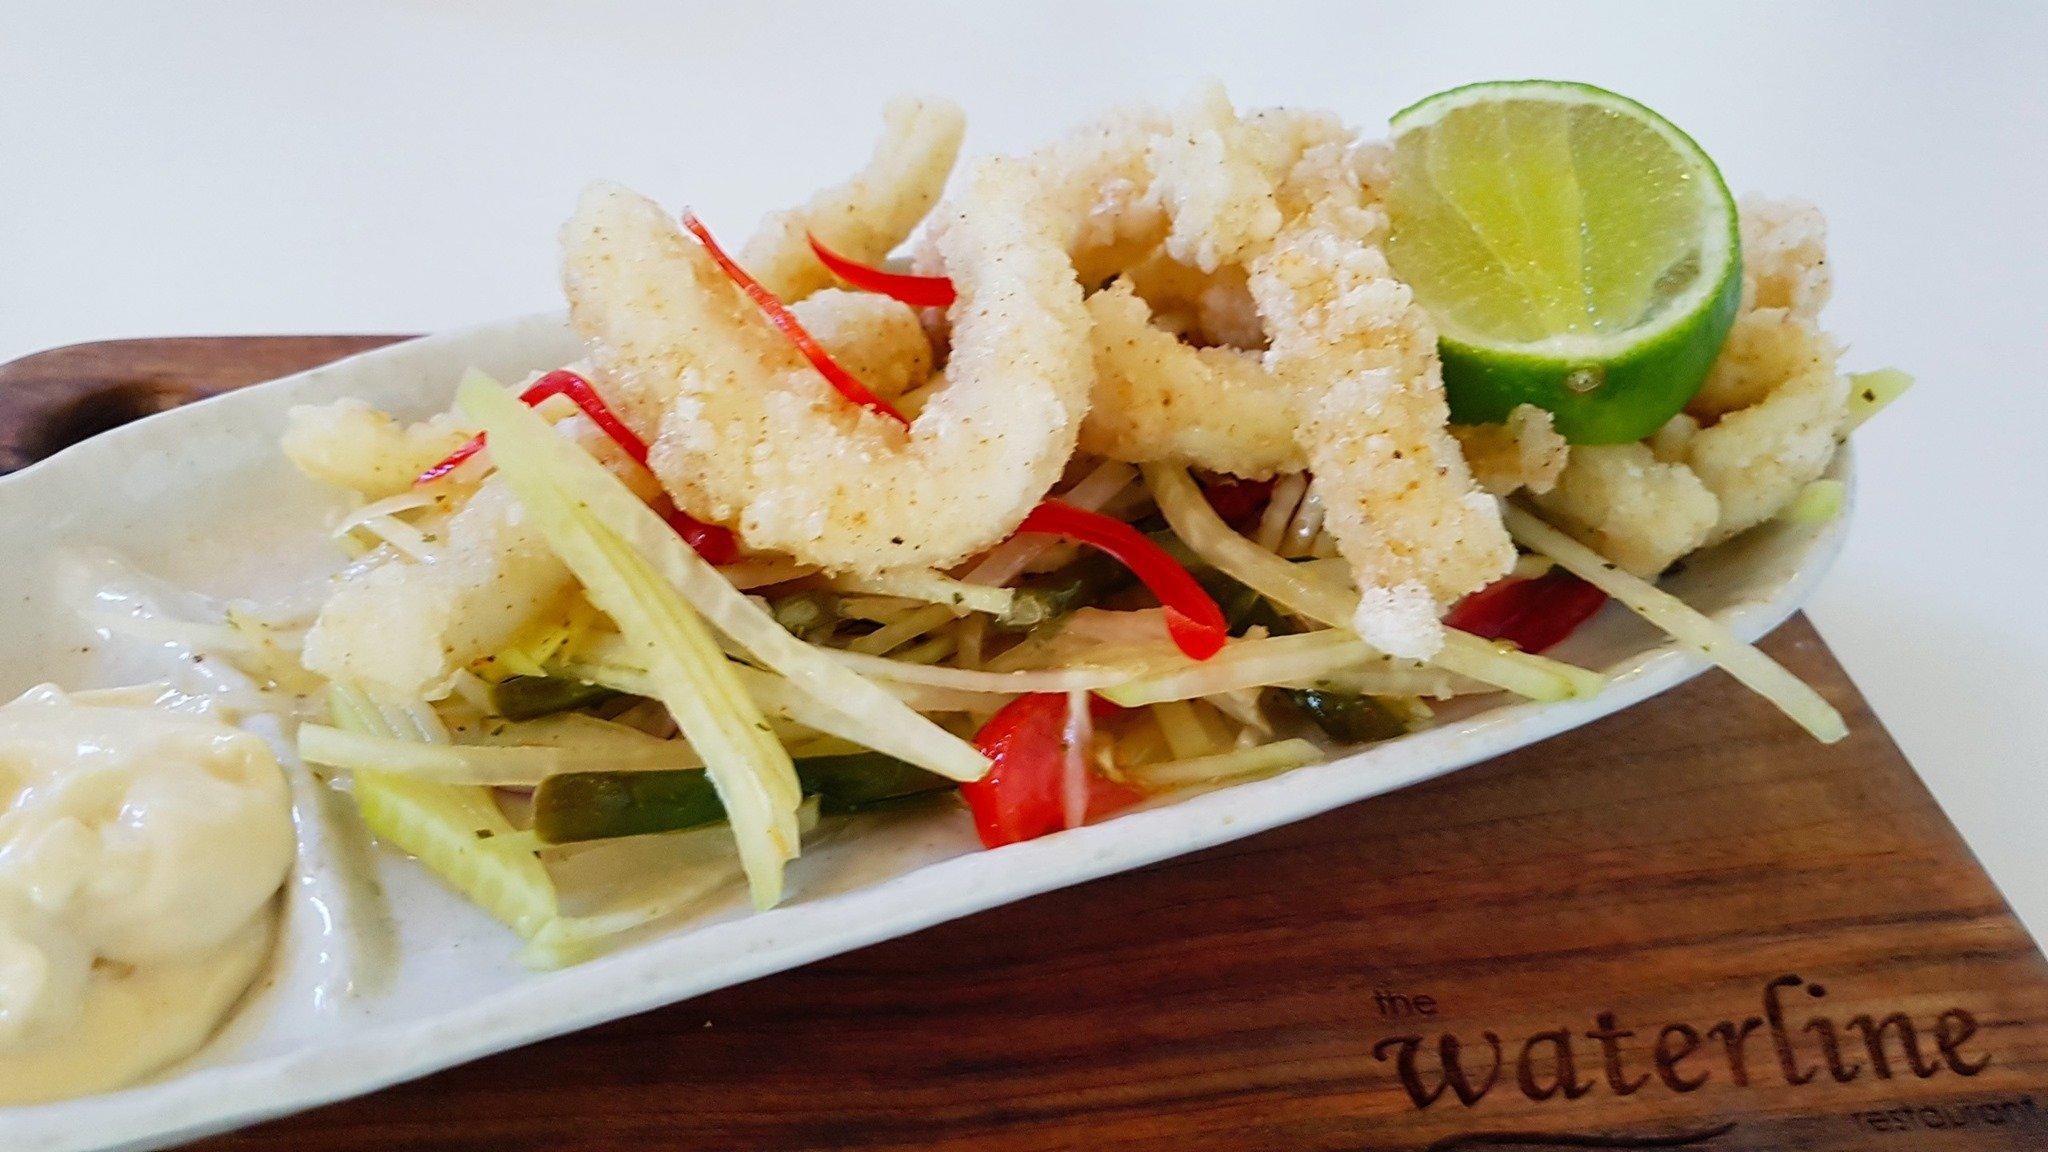 The Waterline Restaurant